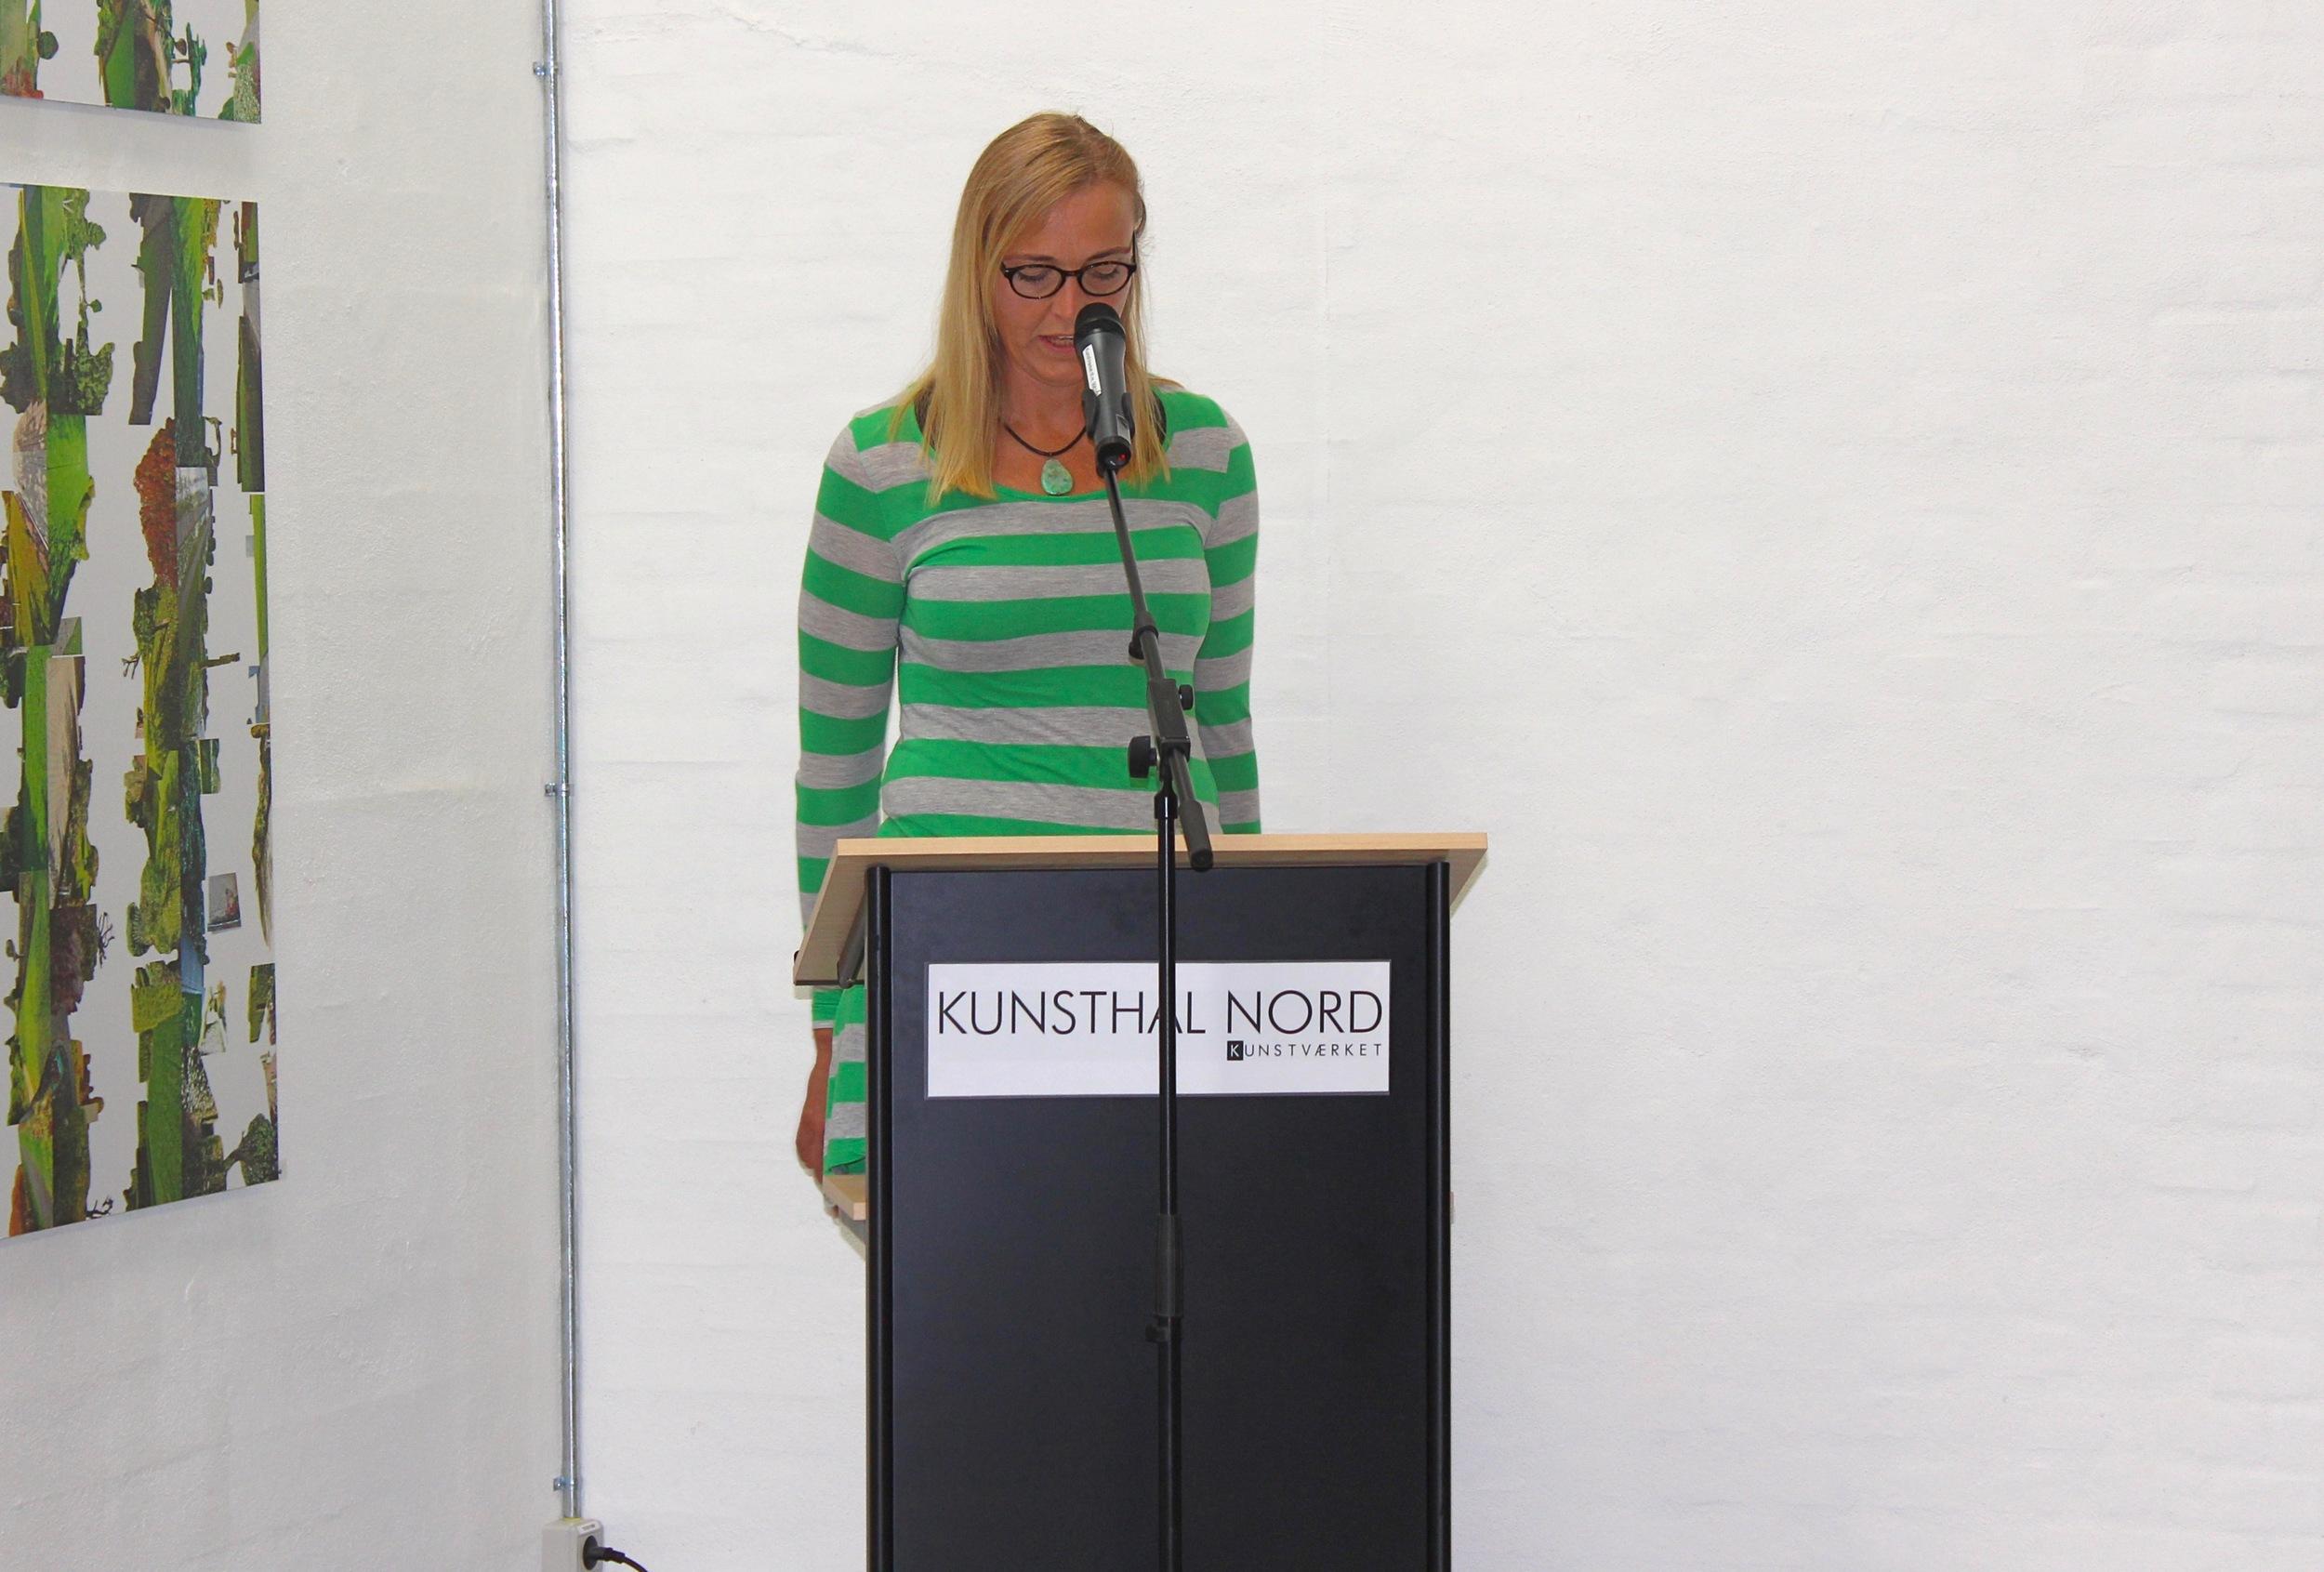 Åbningstale til KONTEKSTs udstilling  Landet ud af skabet  på Kunsthal Nord i 2014